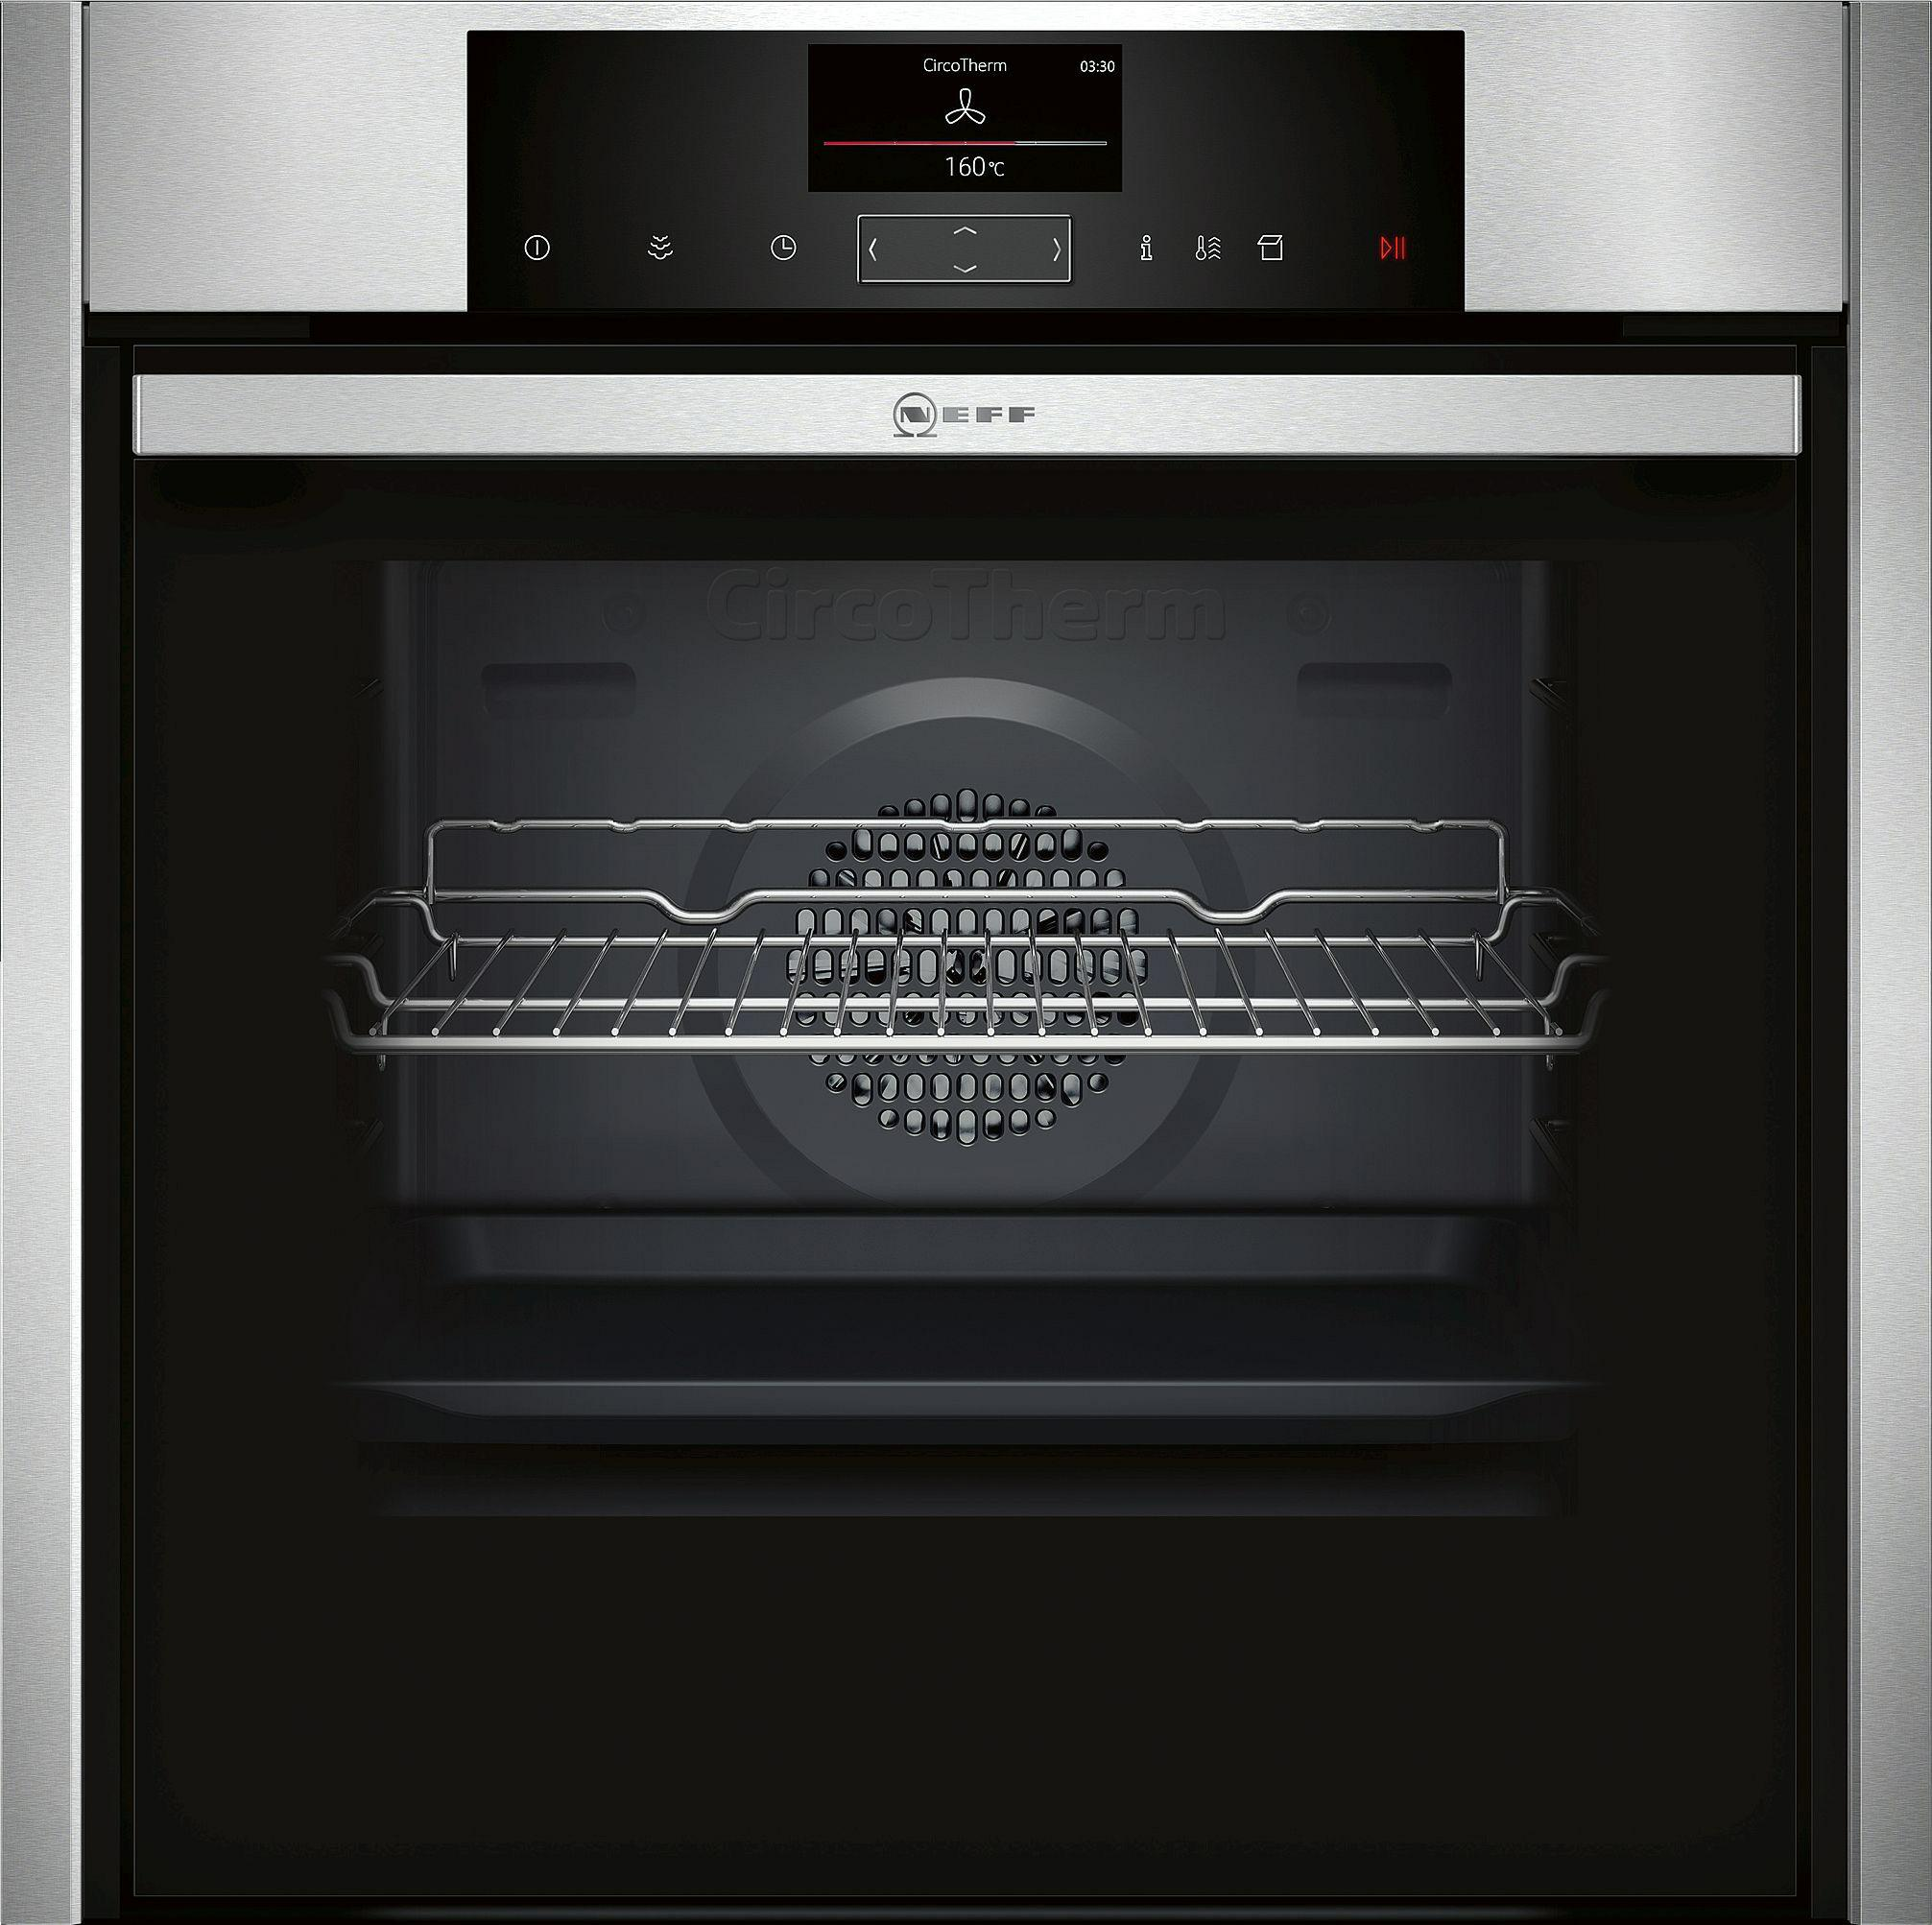 oven multifunctie + stoom Neff B55VS24N0 oven multifunctie + stoom